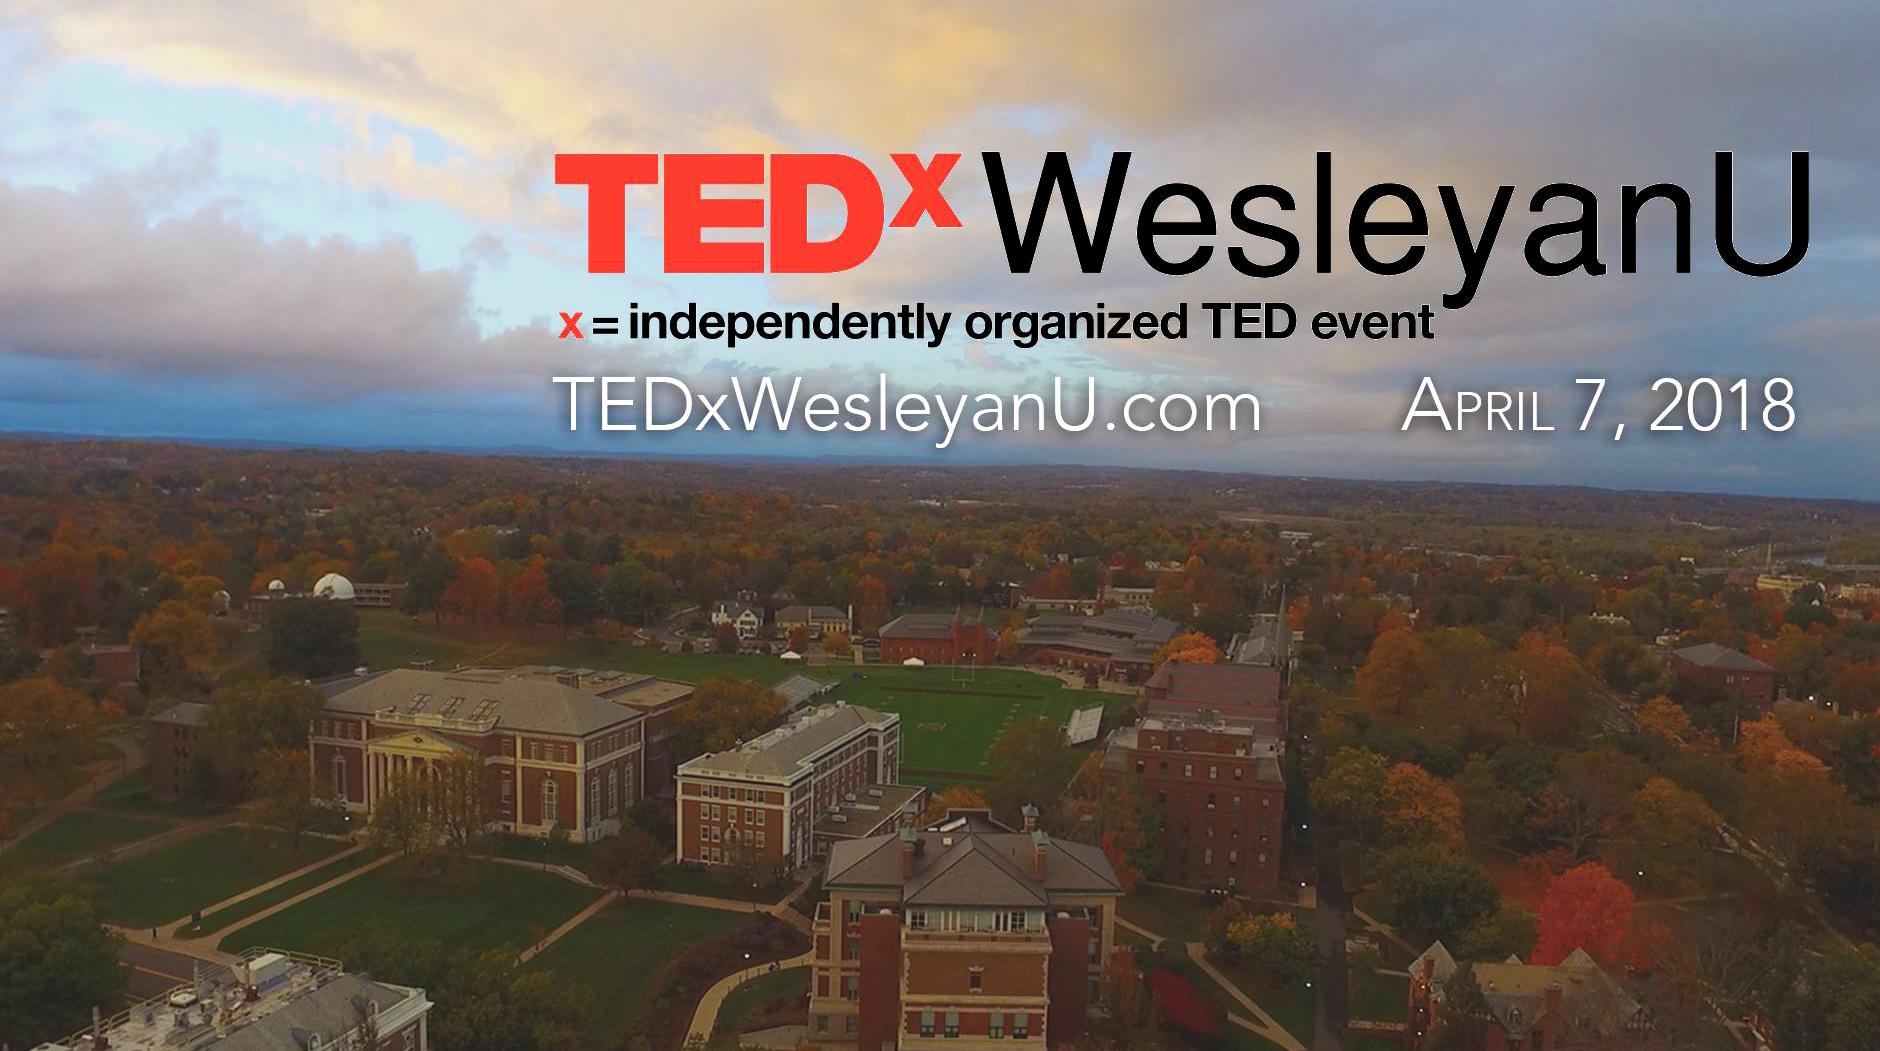 c/o TEDxWesleyanU